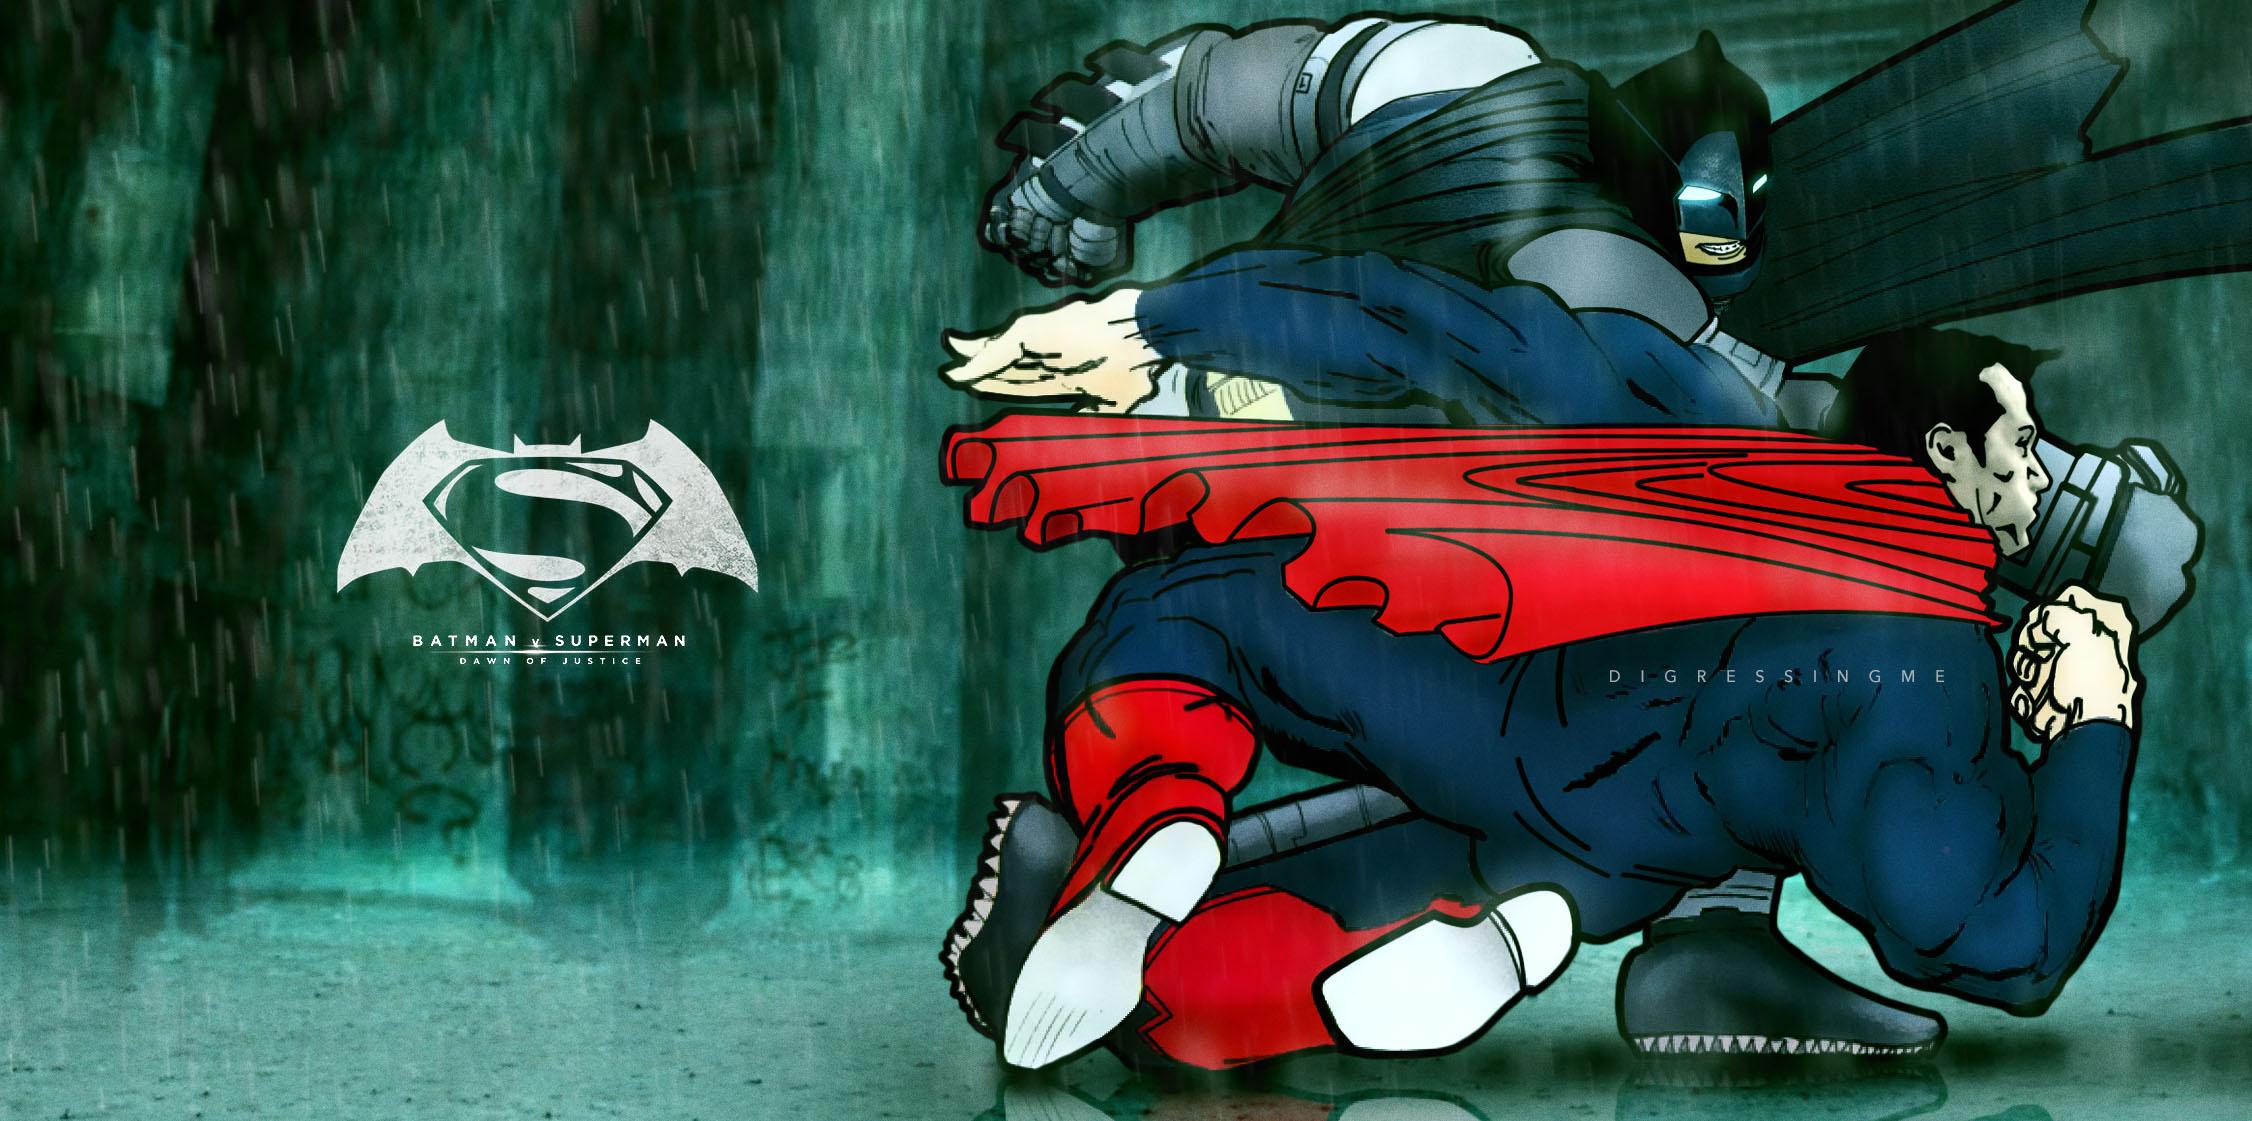 The dawn of justice batman v superman